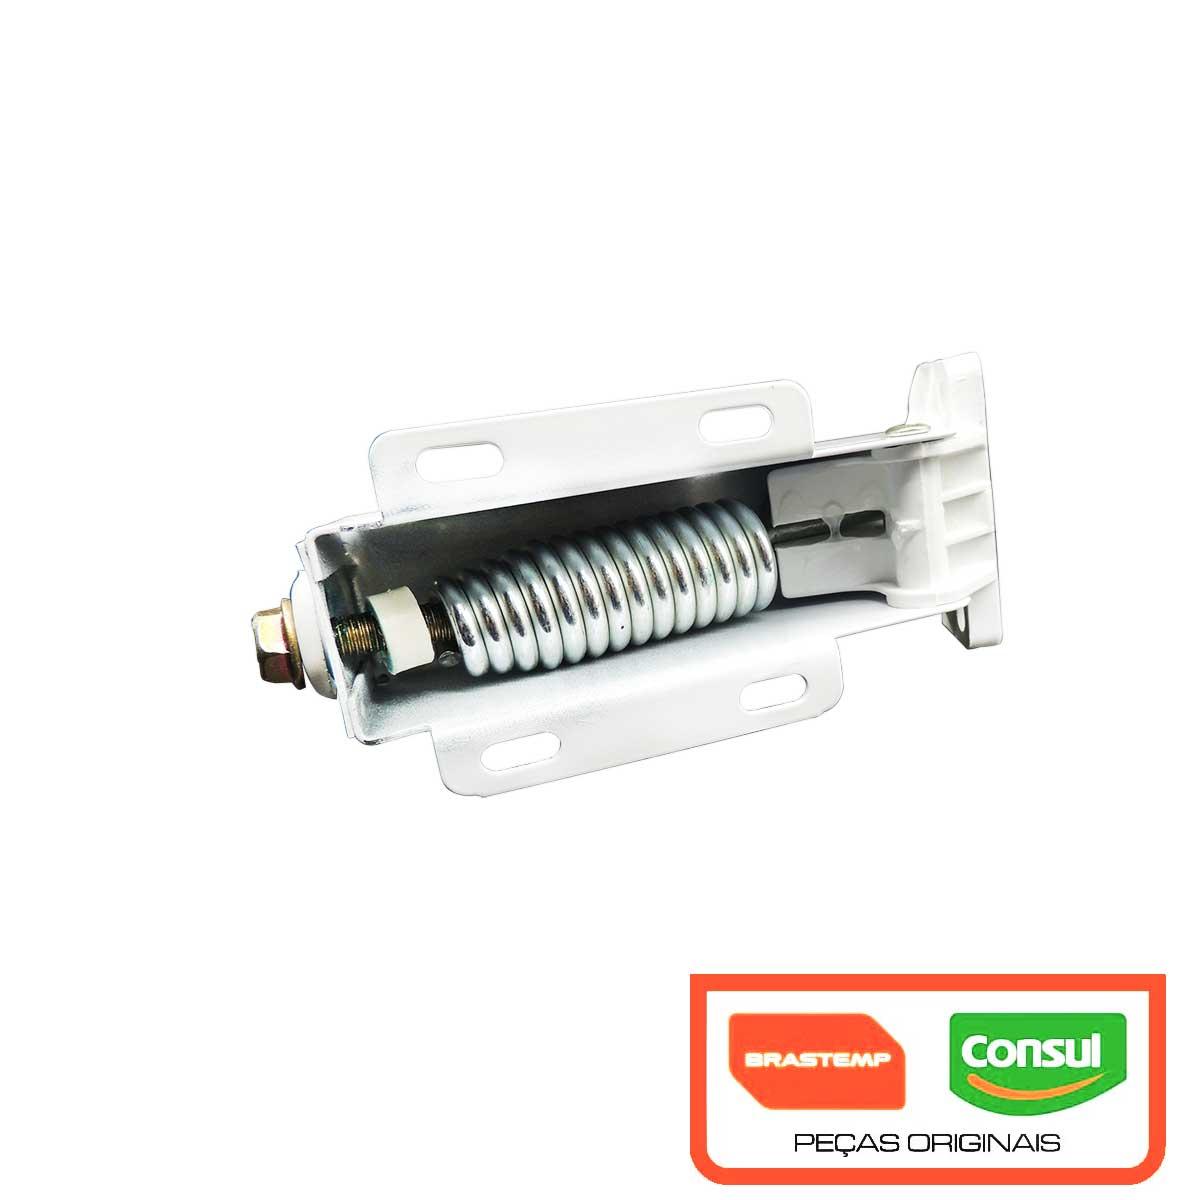 Dobradiça para tampa porta do Freezer horizontal Consul Brastemp com mola 004197305